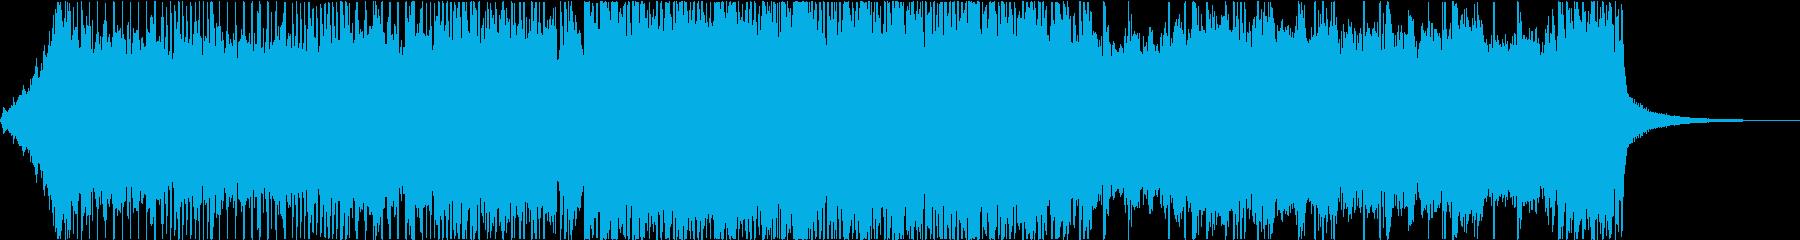 ピンチ、差し迫った緊張感のあるメタルの再生済みの波形